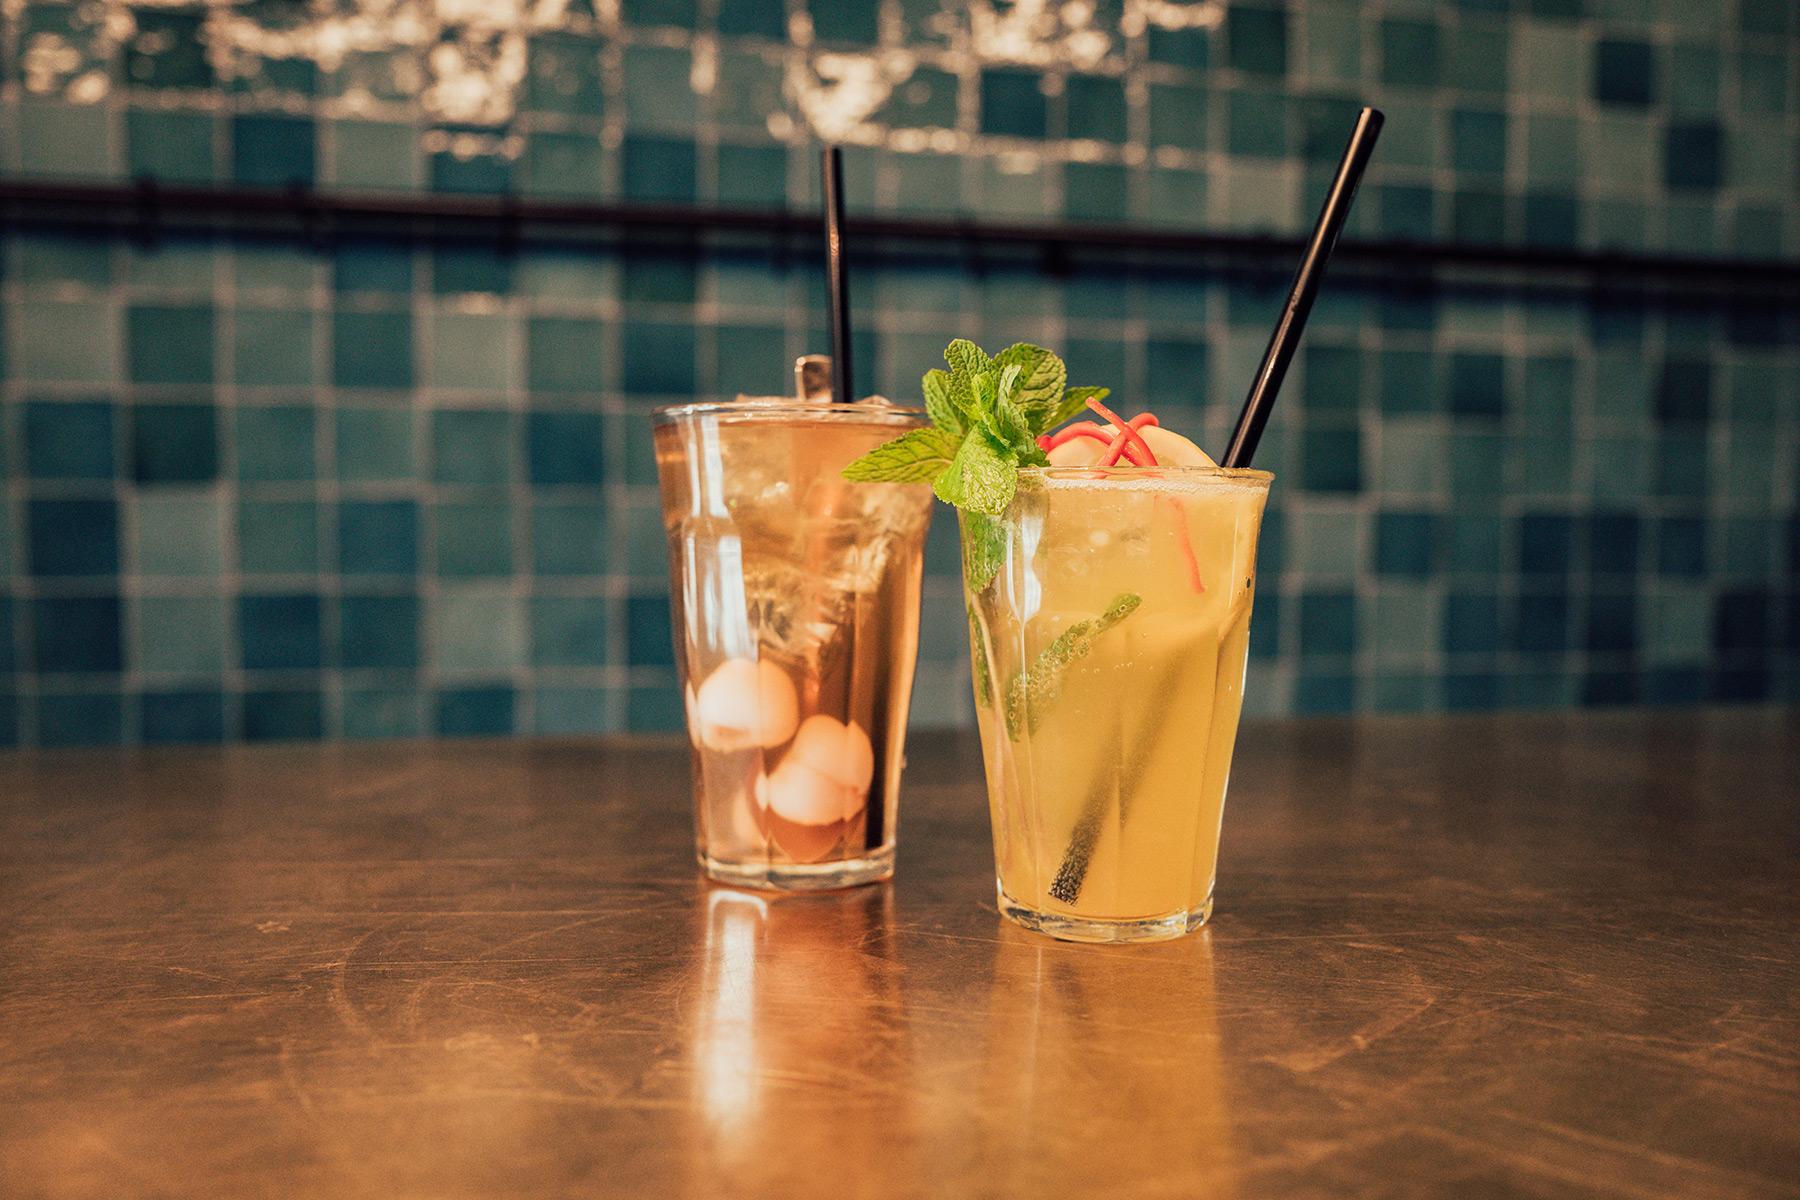 Geheimtipp Hamburg Essen & Trinken Restaurant Altstadt Mi Chii Lisa Knauer 9